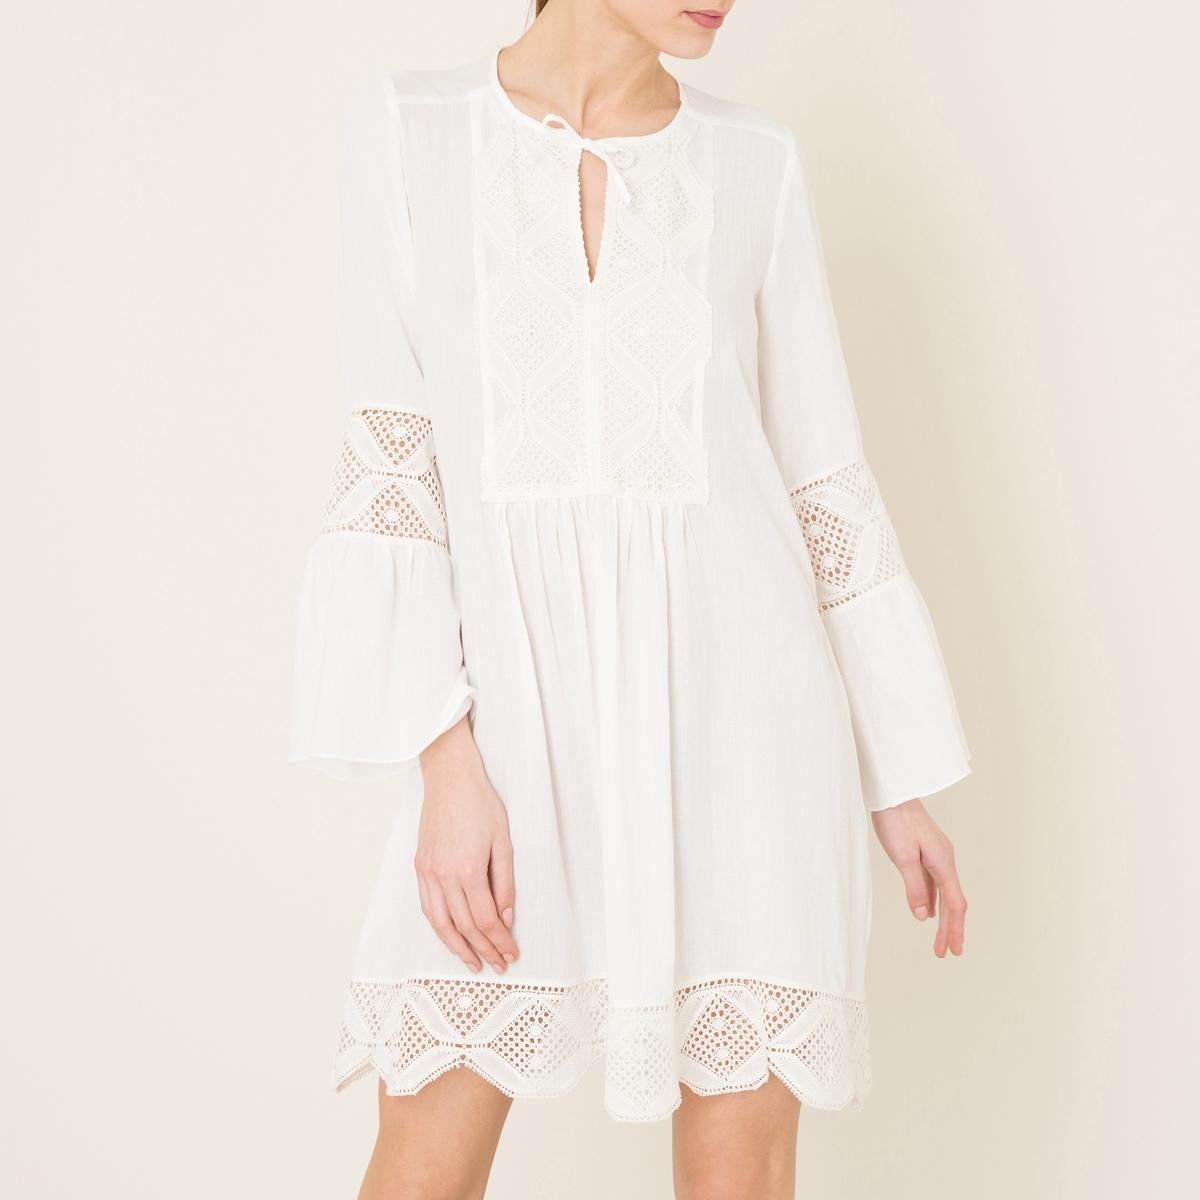 Платье NANOUСостав и описание Материал : 50% хлопка, 50% вискозыДлина : 95 см. для размера 36Марка : VALERIE KHALFON<br><br>Цвет: белый